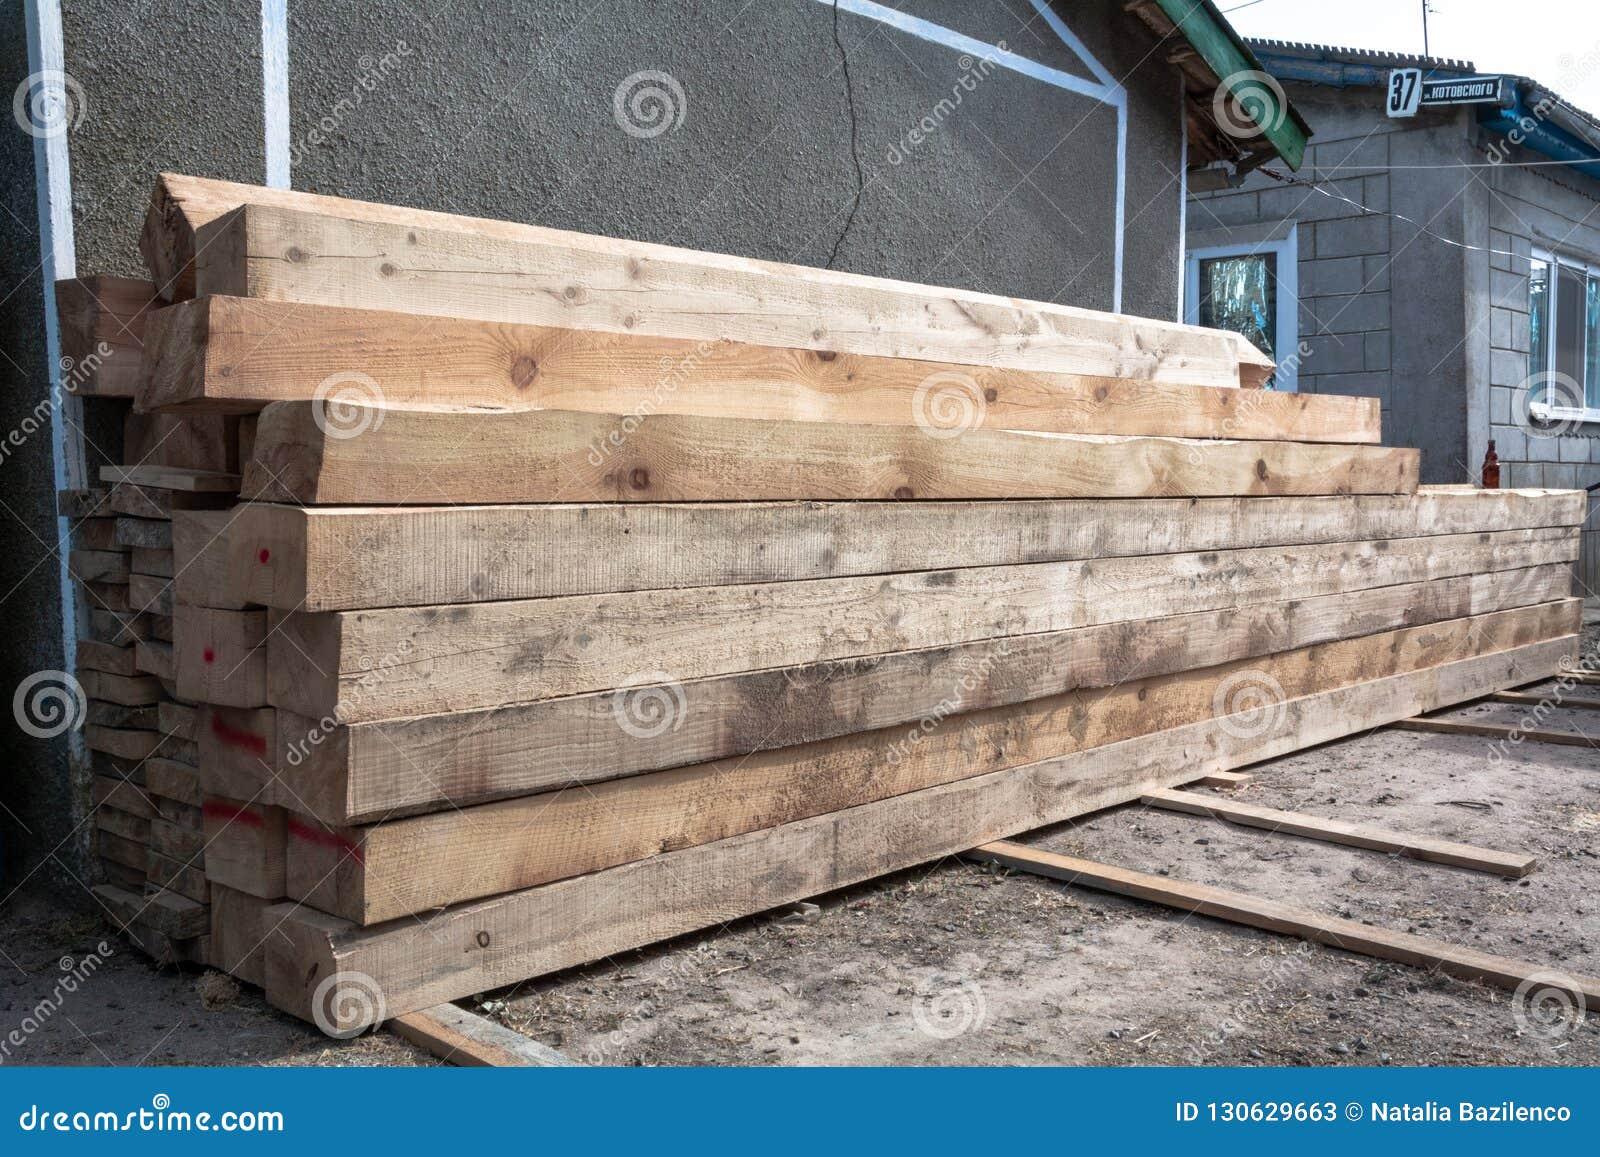 Matériaux de construction de bois à débiter pour la menuiserie, bâtiment, réparation et meubles, matériel de bois de charpente po